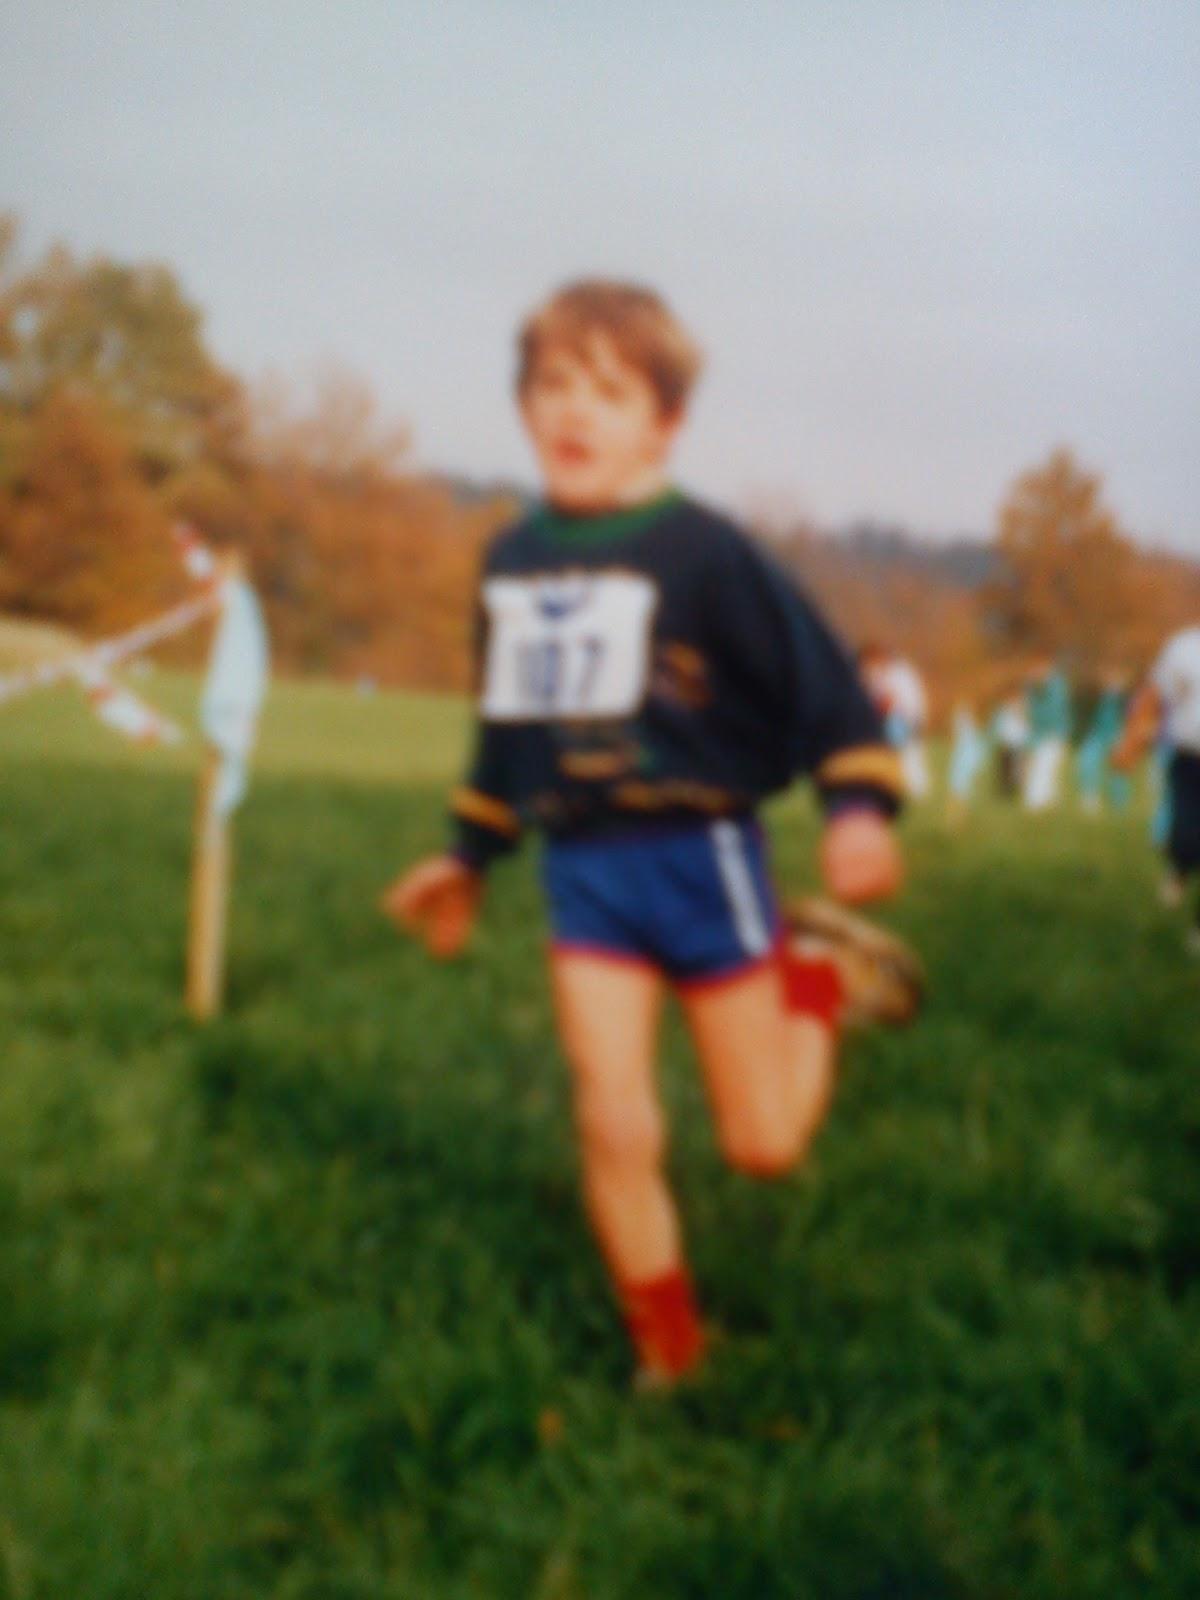 Mat Running Field: La course à pied et moi en quelques mots